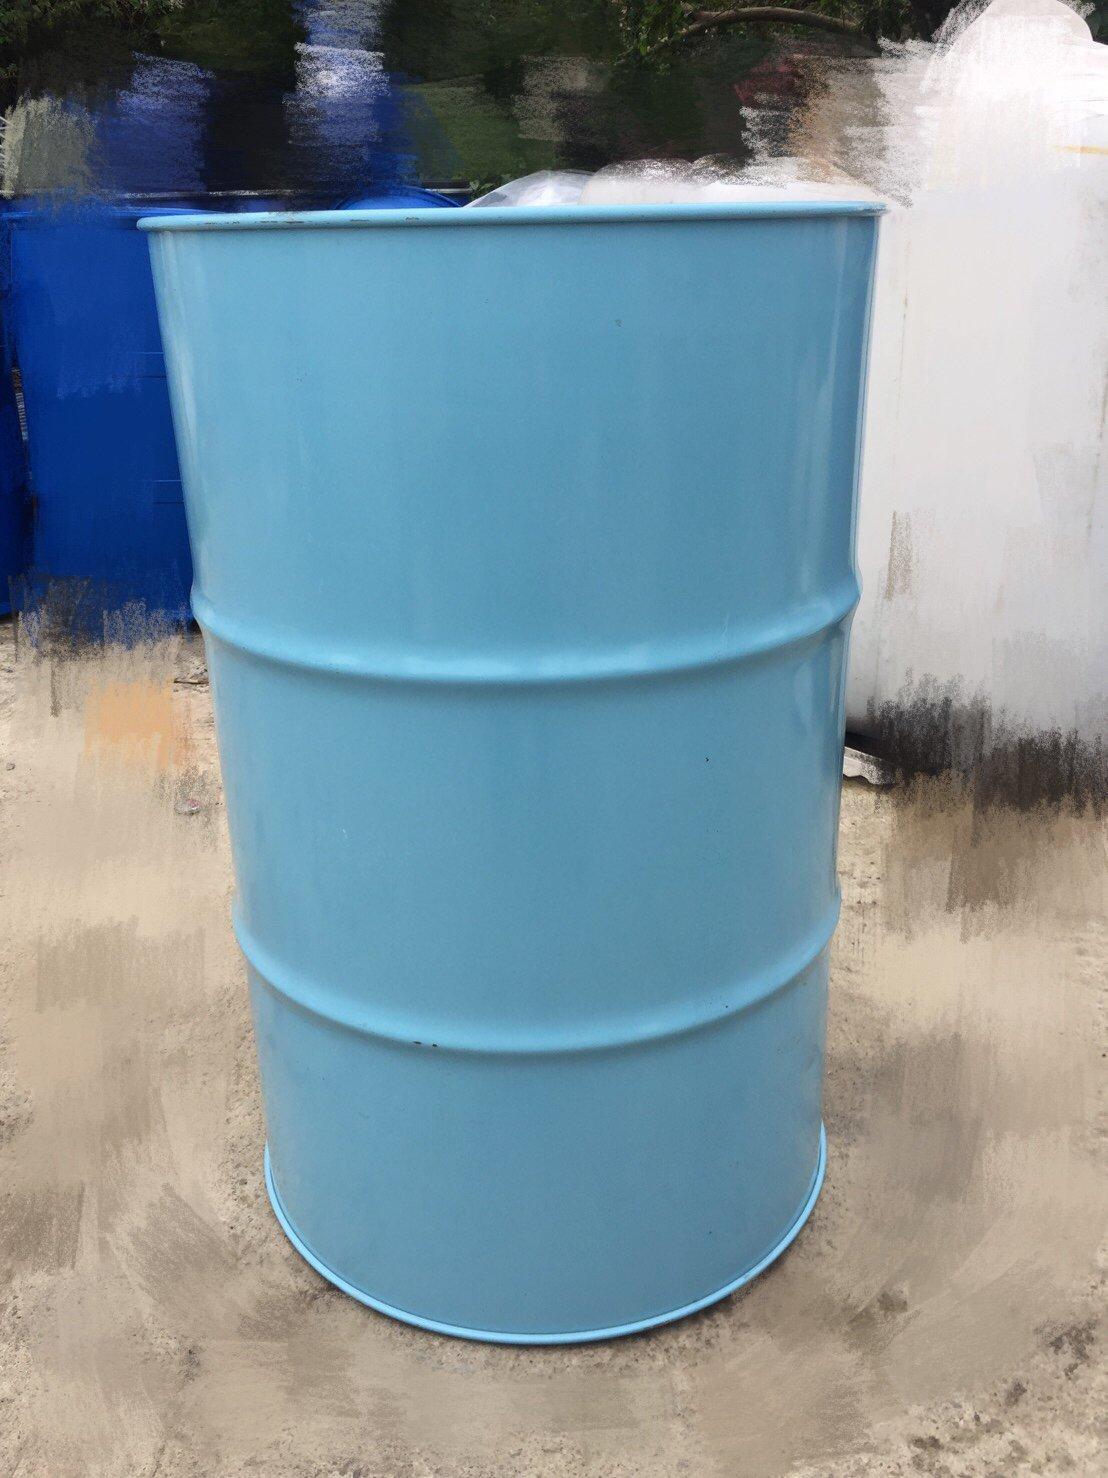 賣中古50加崙鐵桶(工業風、擺飾、200公升桶、烤漆鐵桶 、油桶、ㄧ次桶)